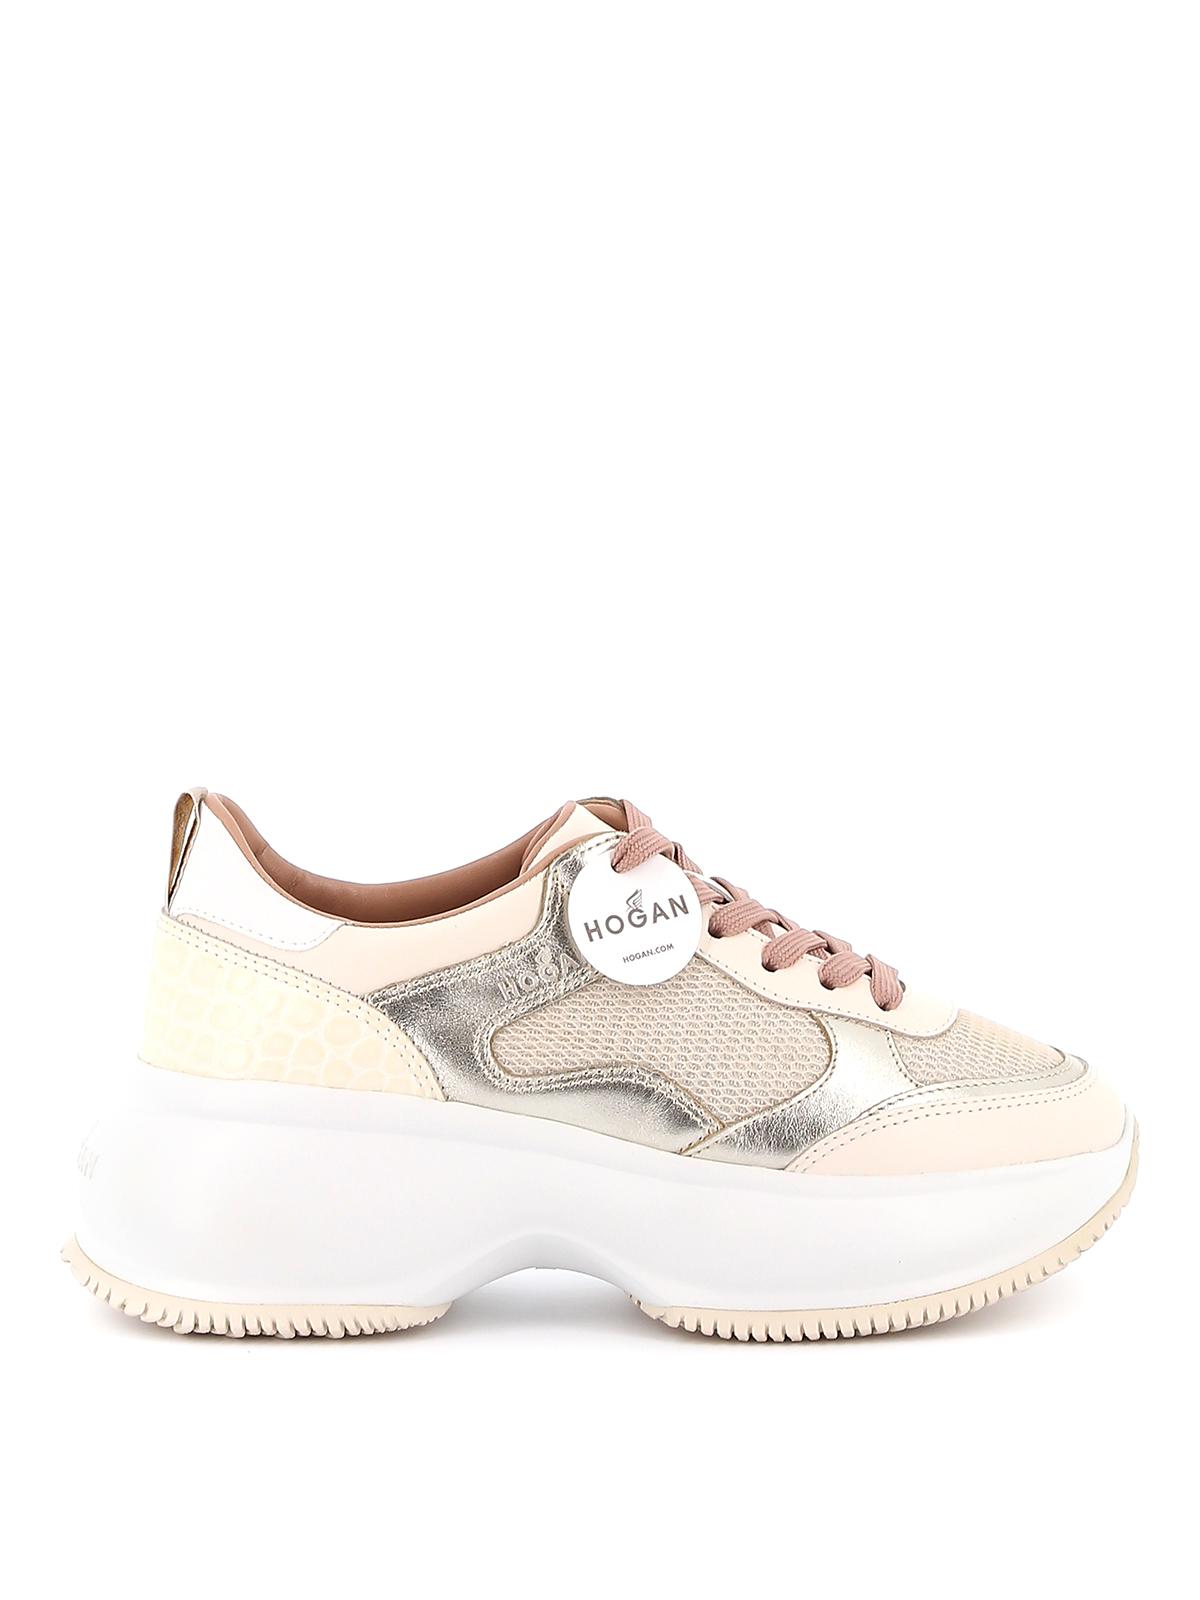 hogan maxi active sneakers